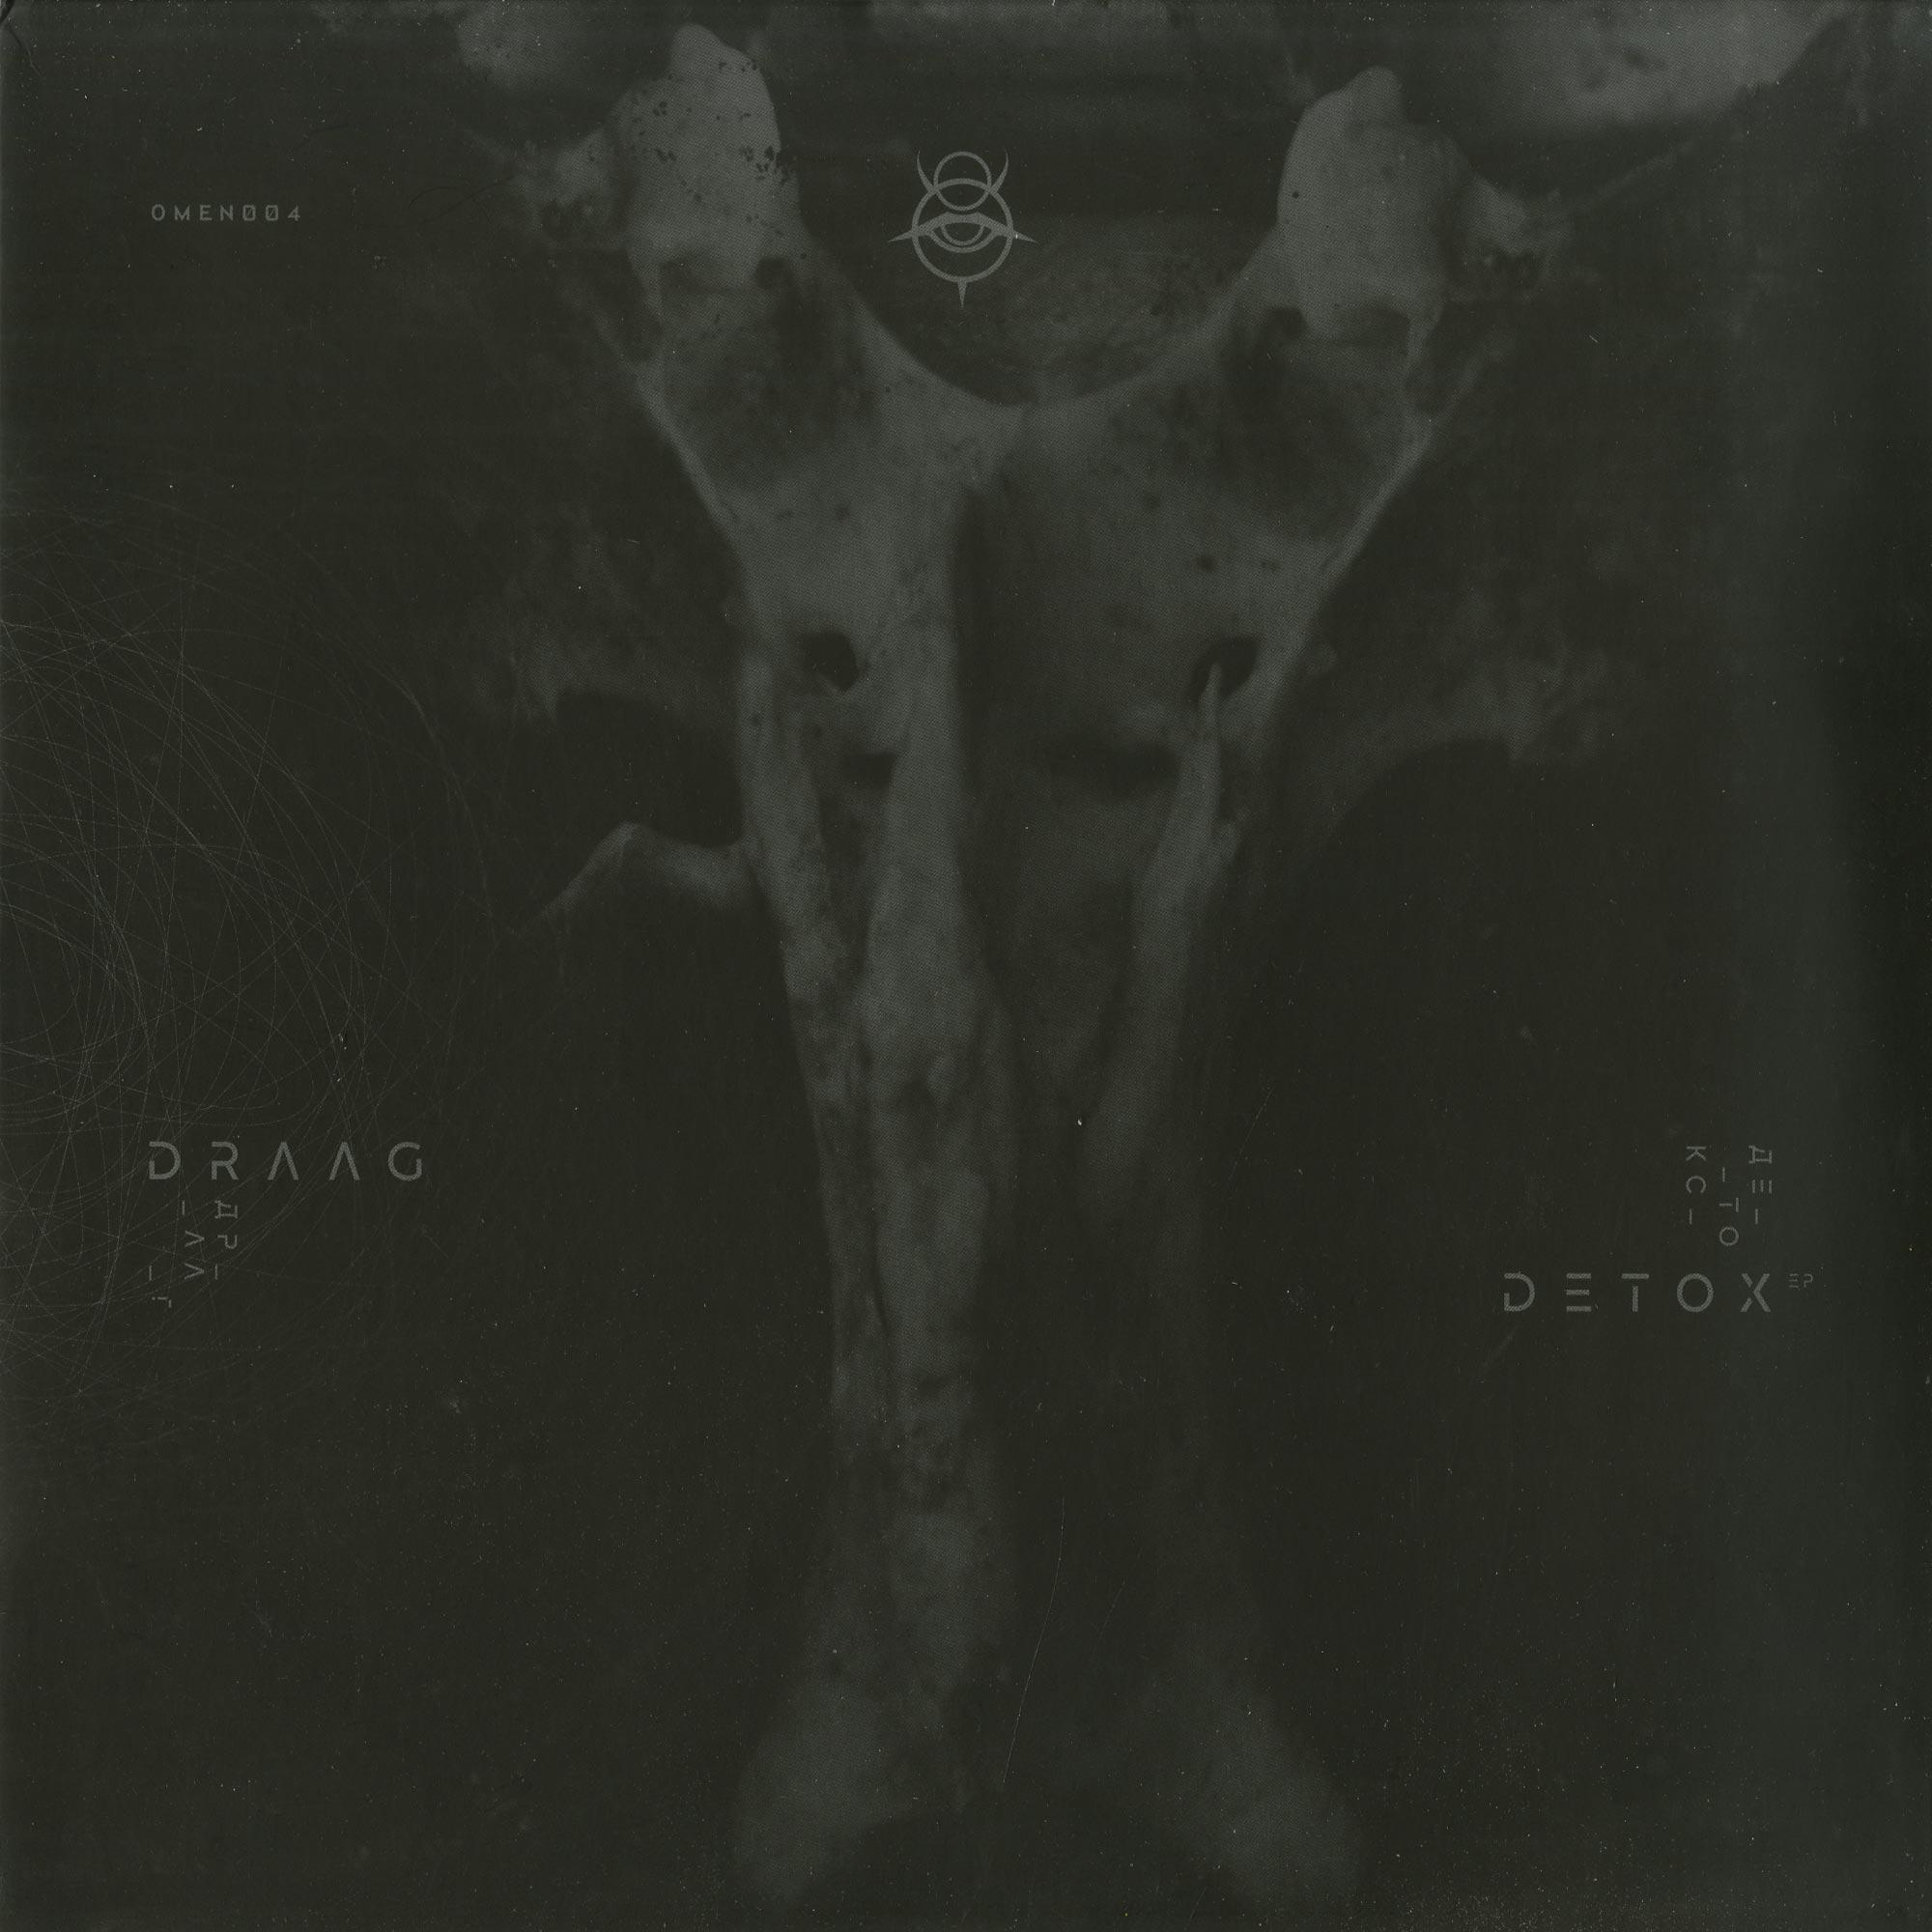 Draag - DETOX